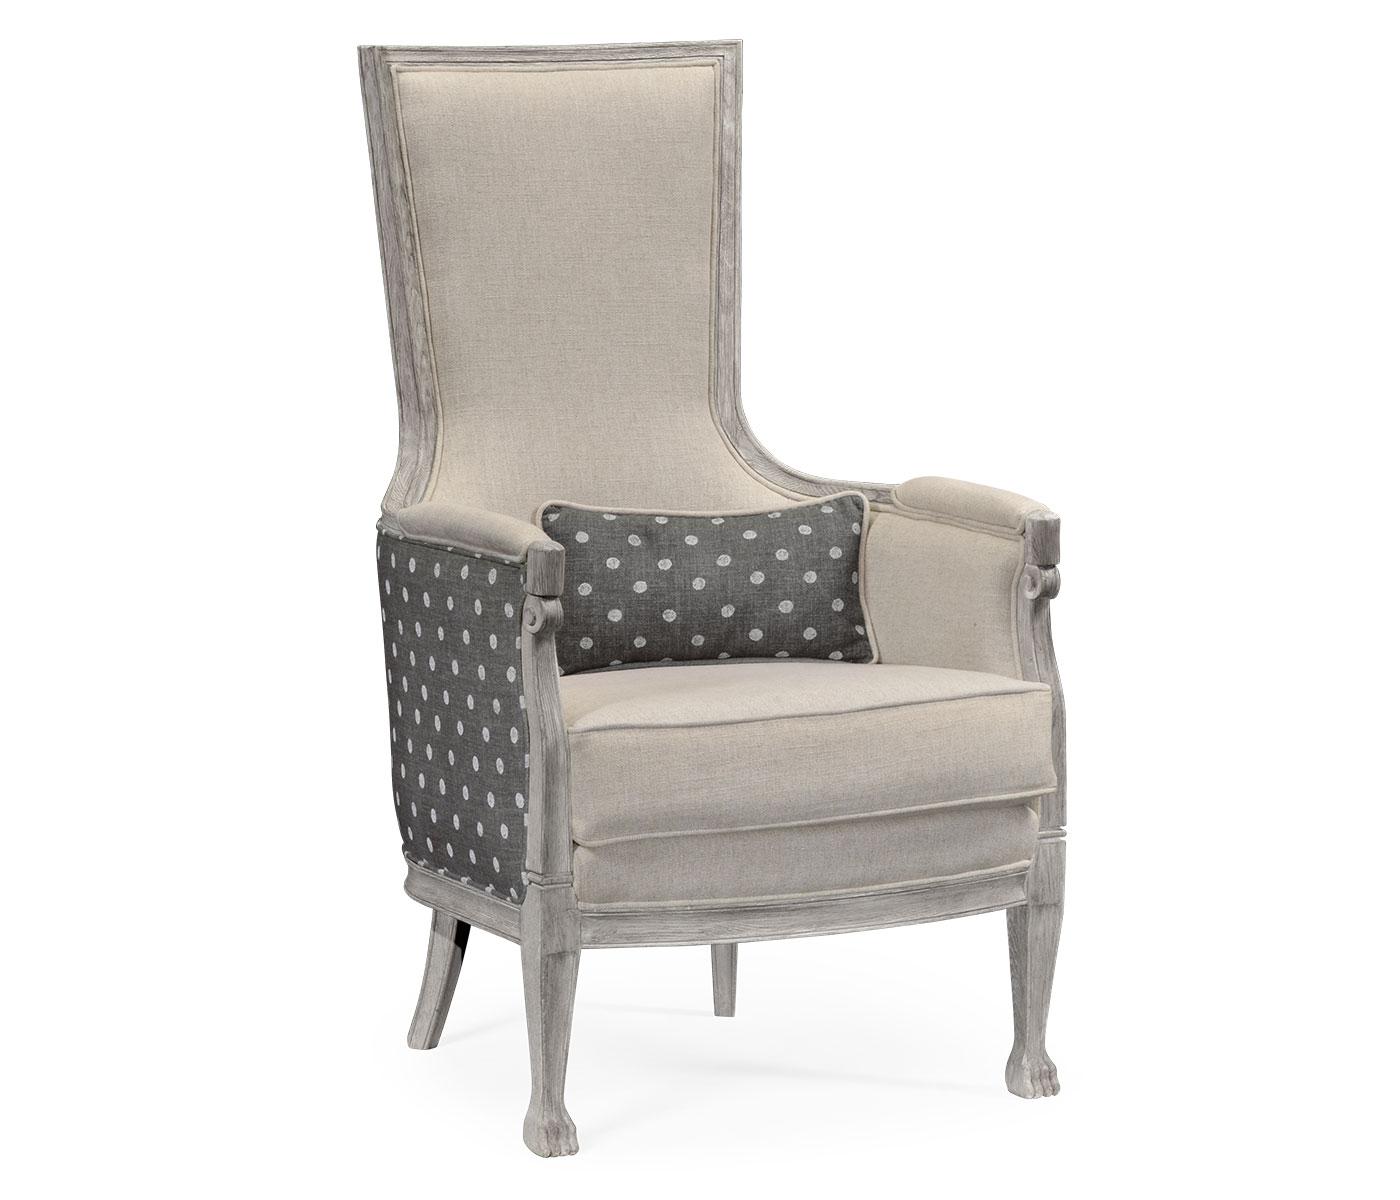 Barbara's Chair